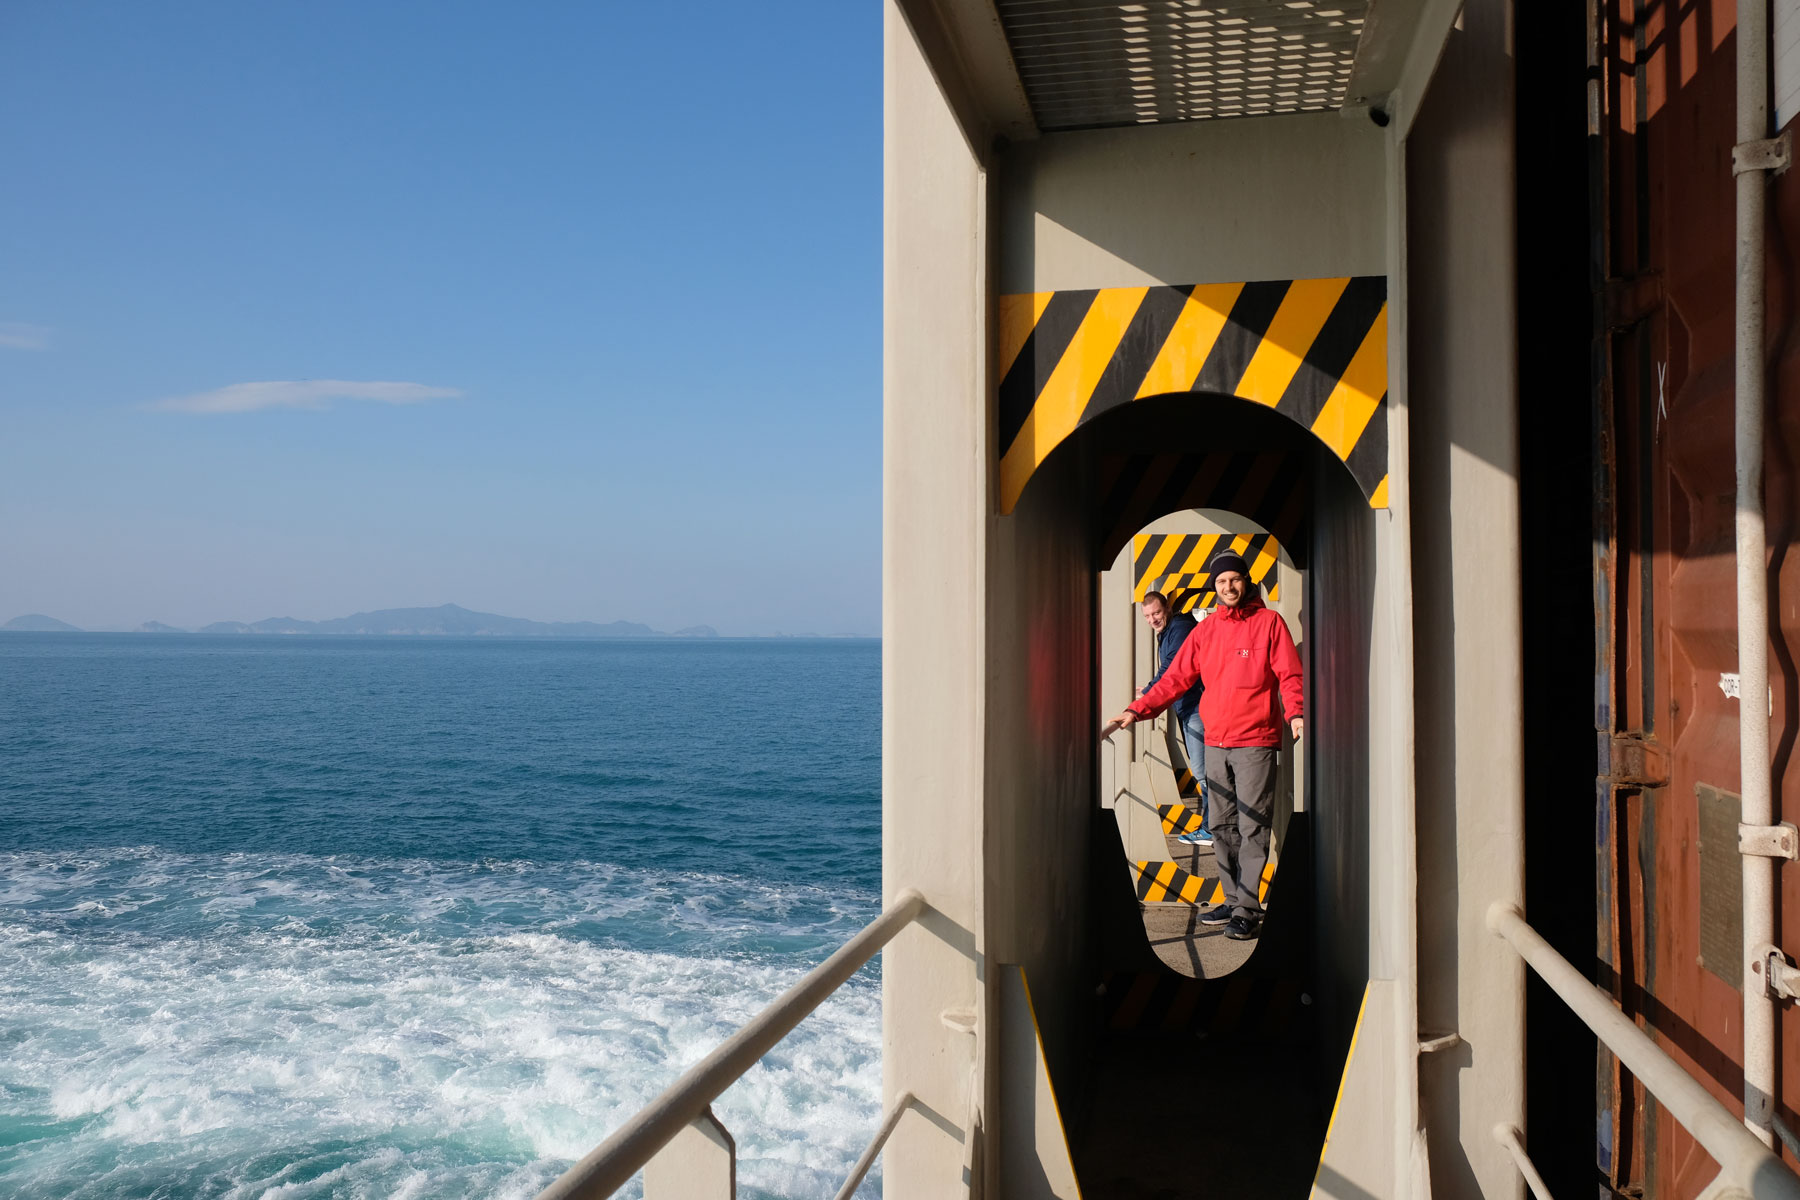 Sebastian am Heck eines Containerschiffes, das den Pazifik überquert.